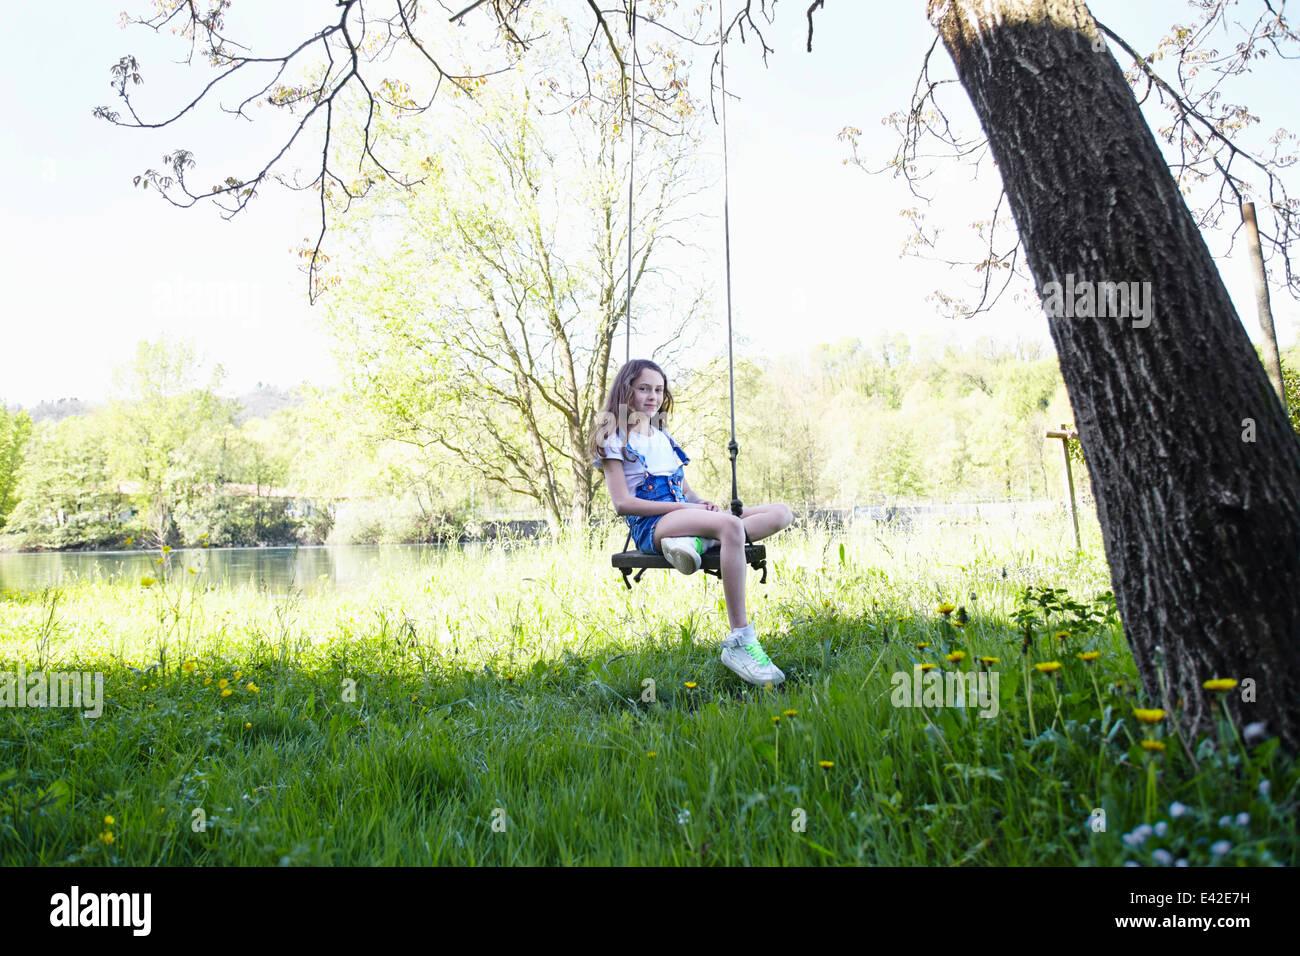 Chica en el columpio en el árbol, Retrato Foto de stock